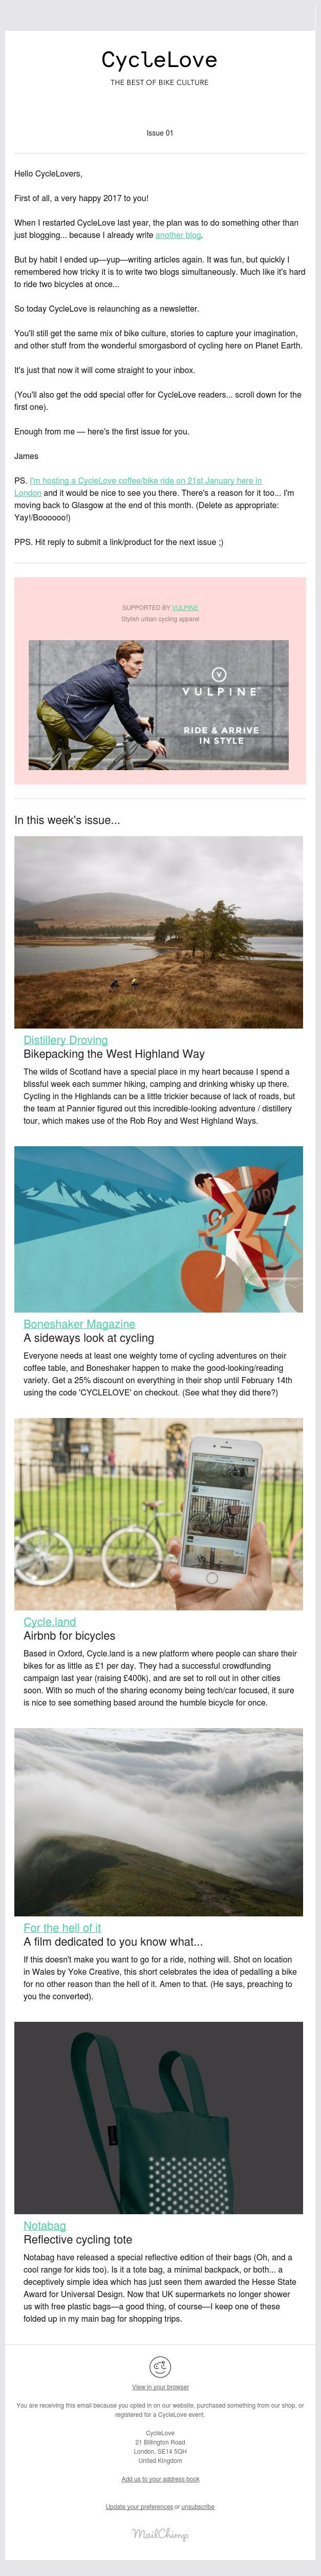 Issue 01 — Bikepacking and backpacks